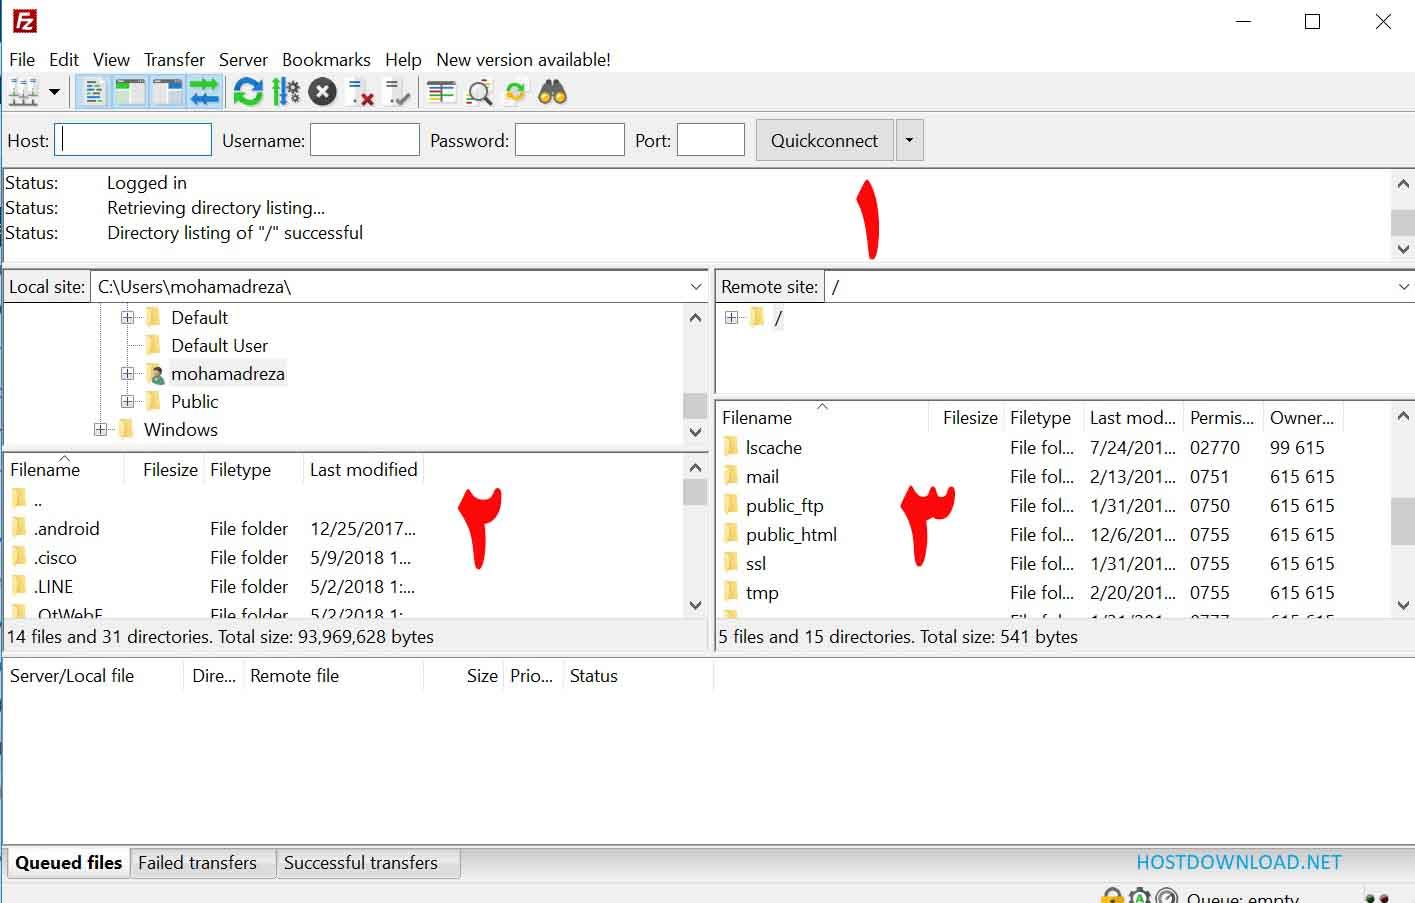 آپلود فایل در هاست دانلود با filezilla